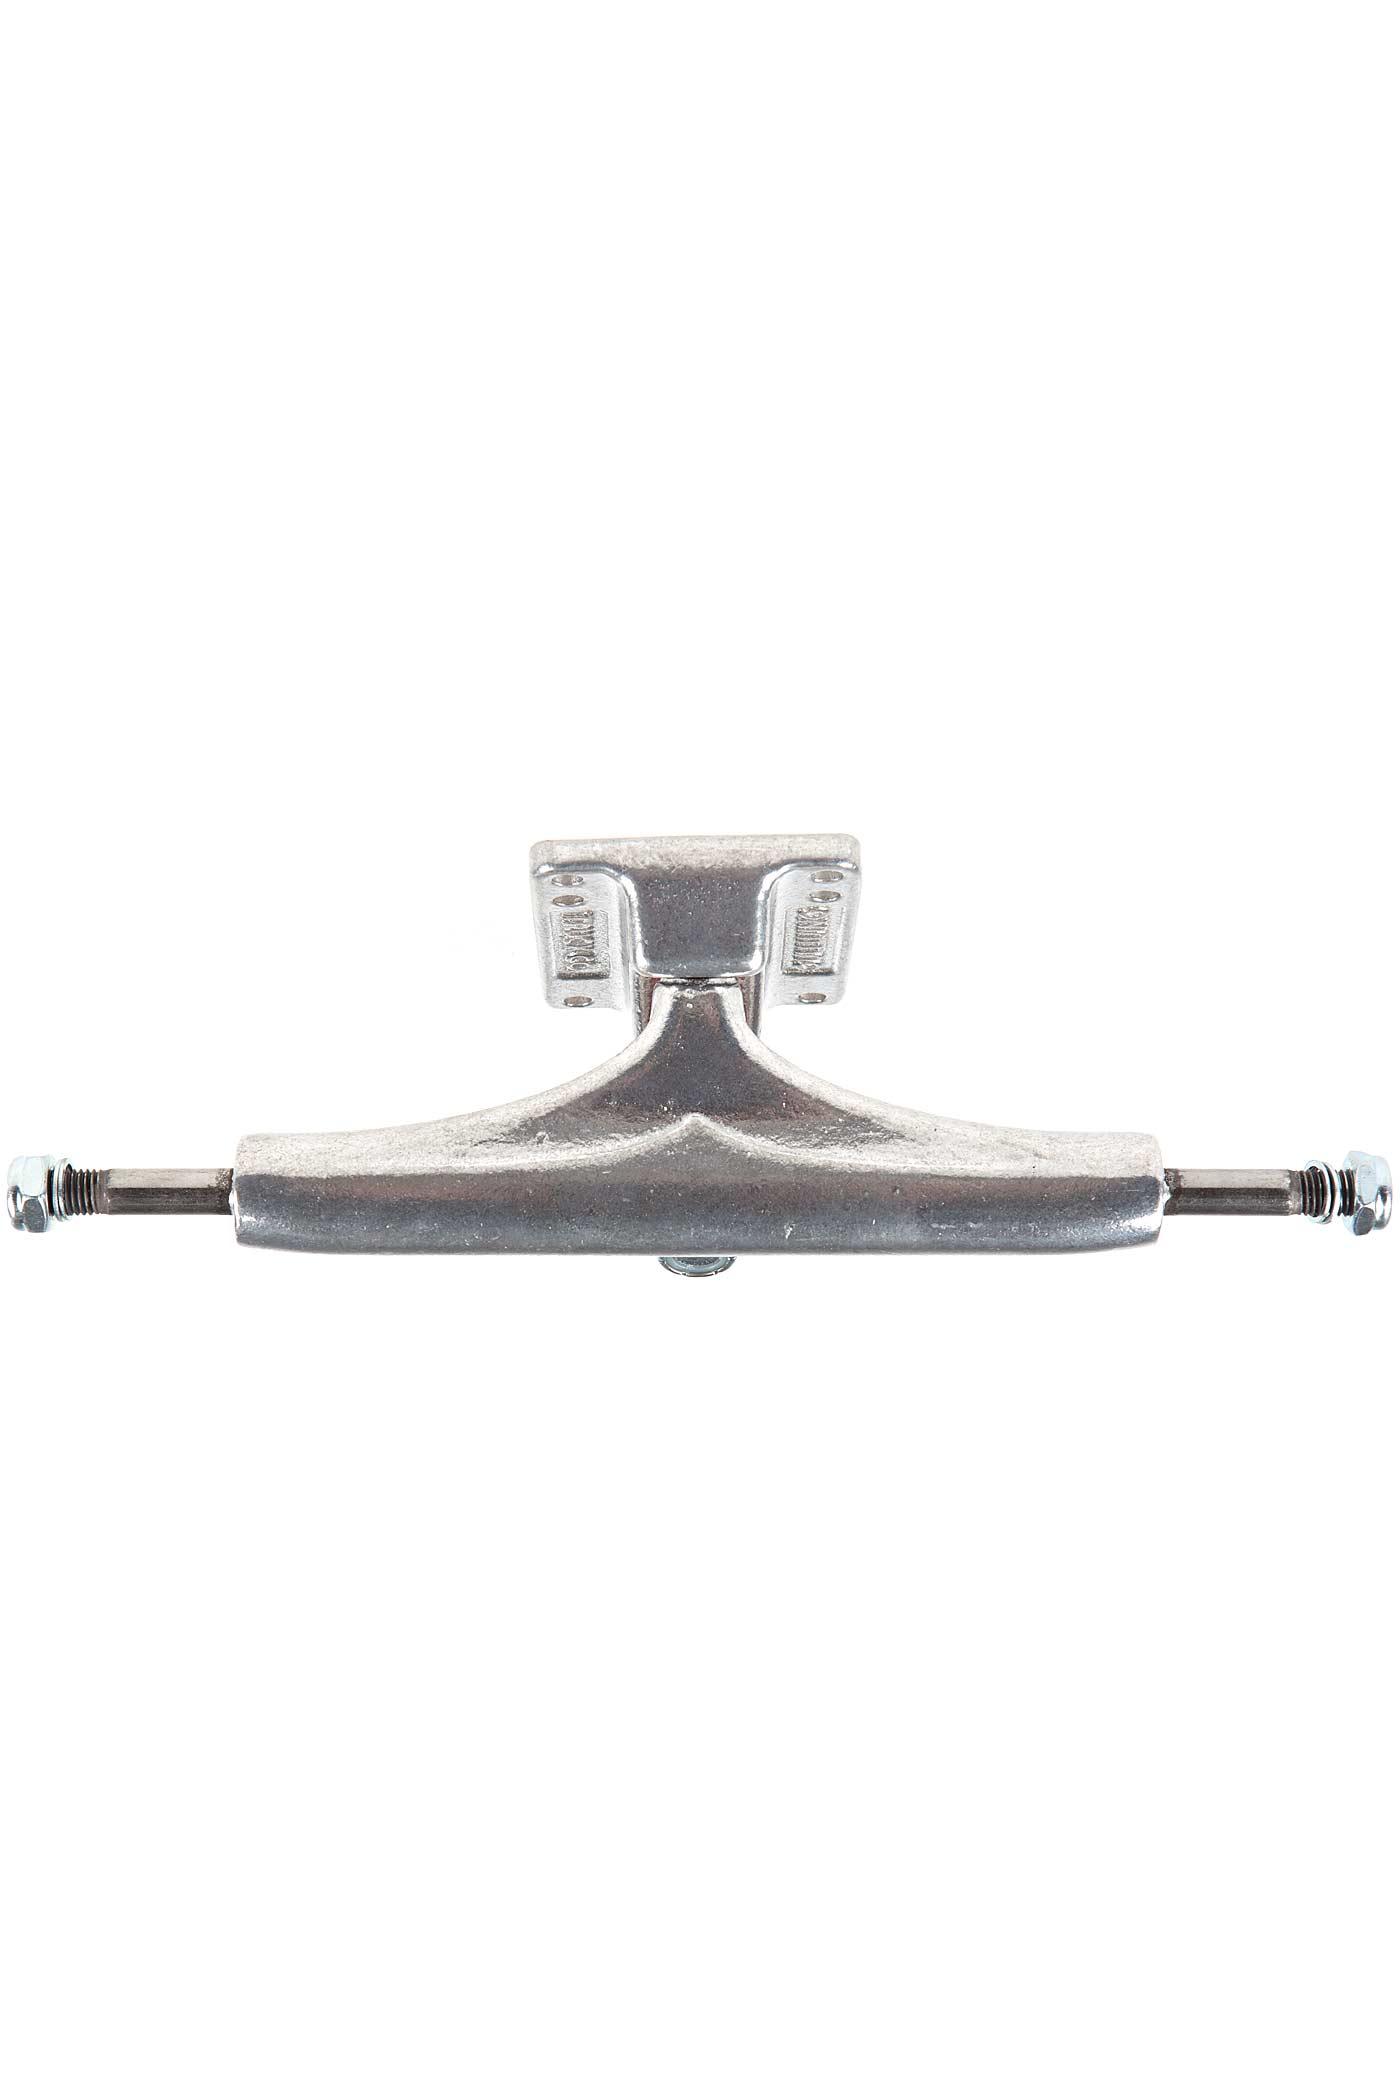 Gullwing Shadow Dlx 8 5 Achse Ravv Kaufen Bei Skatedeluxe